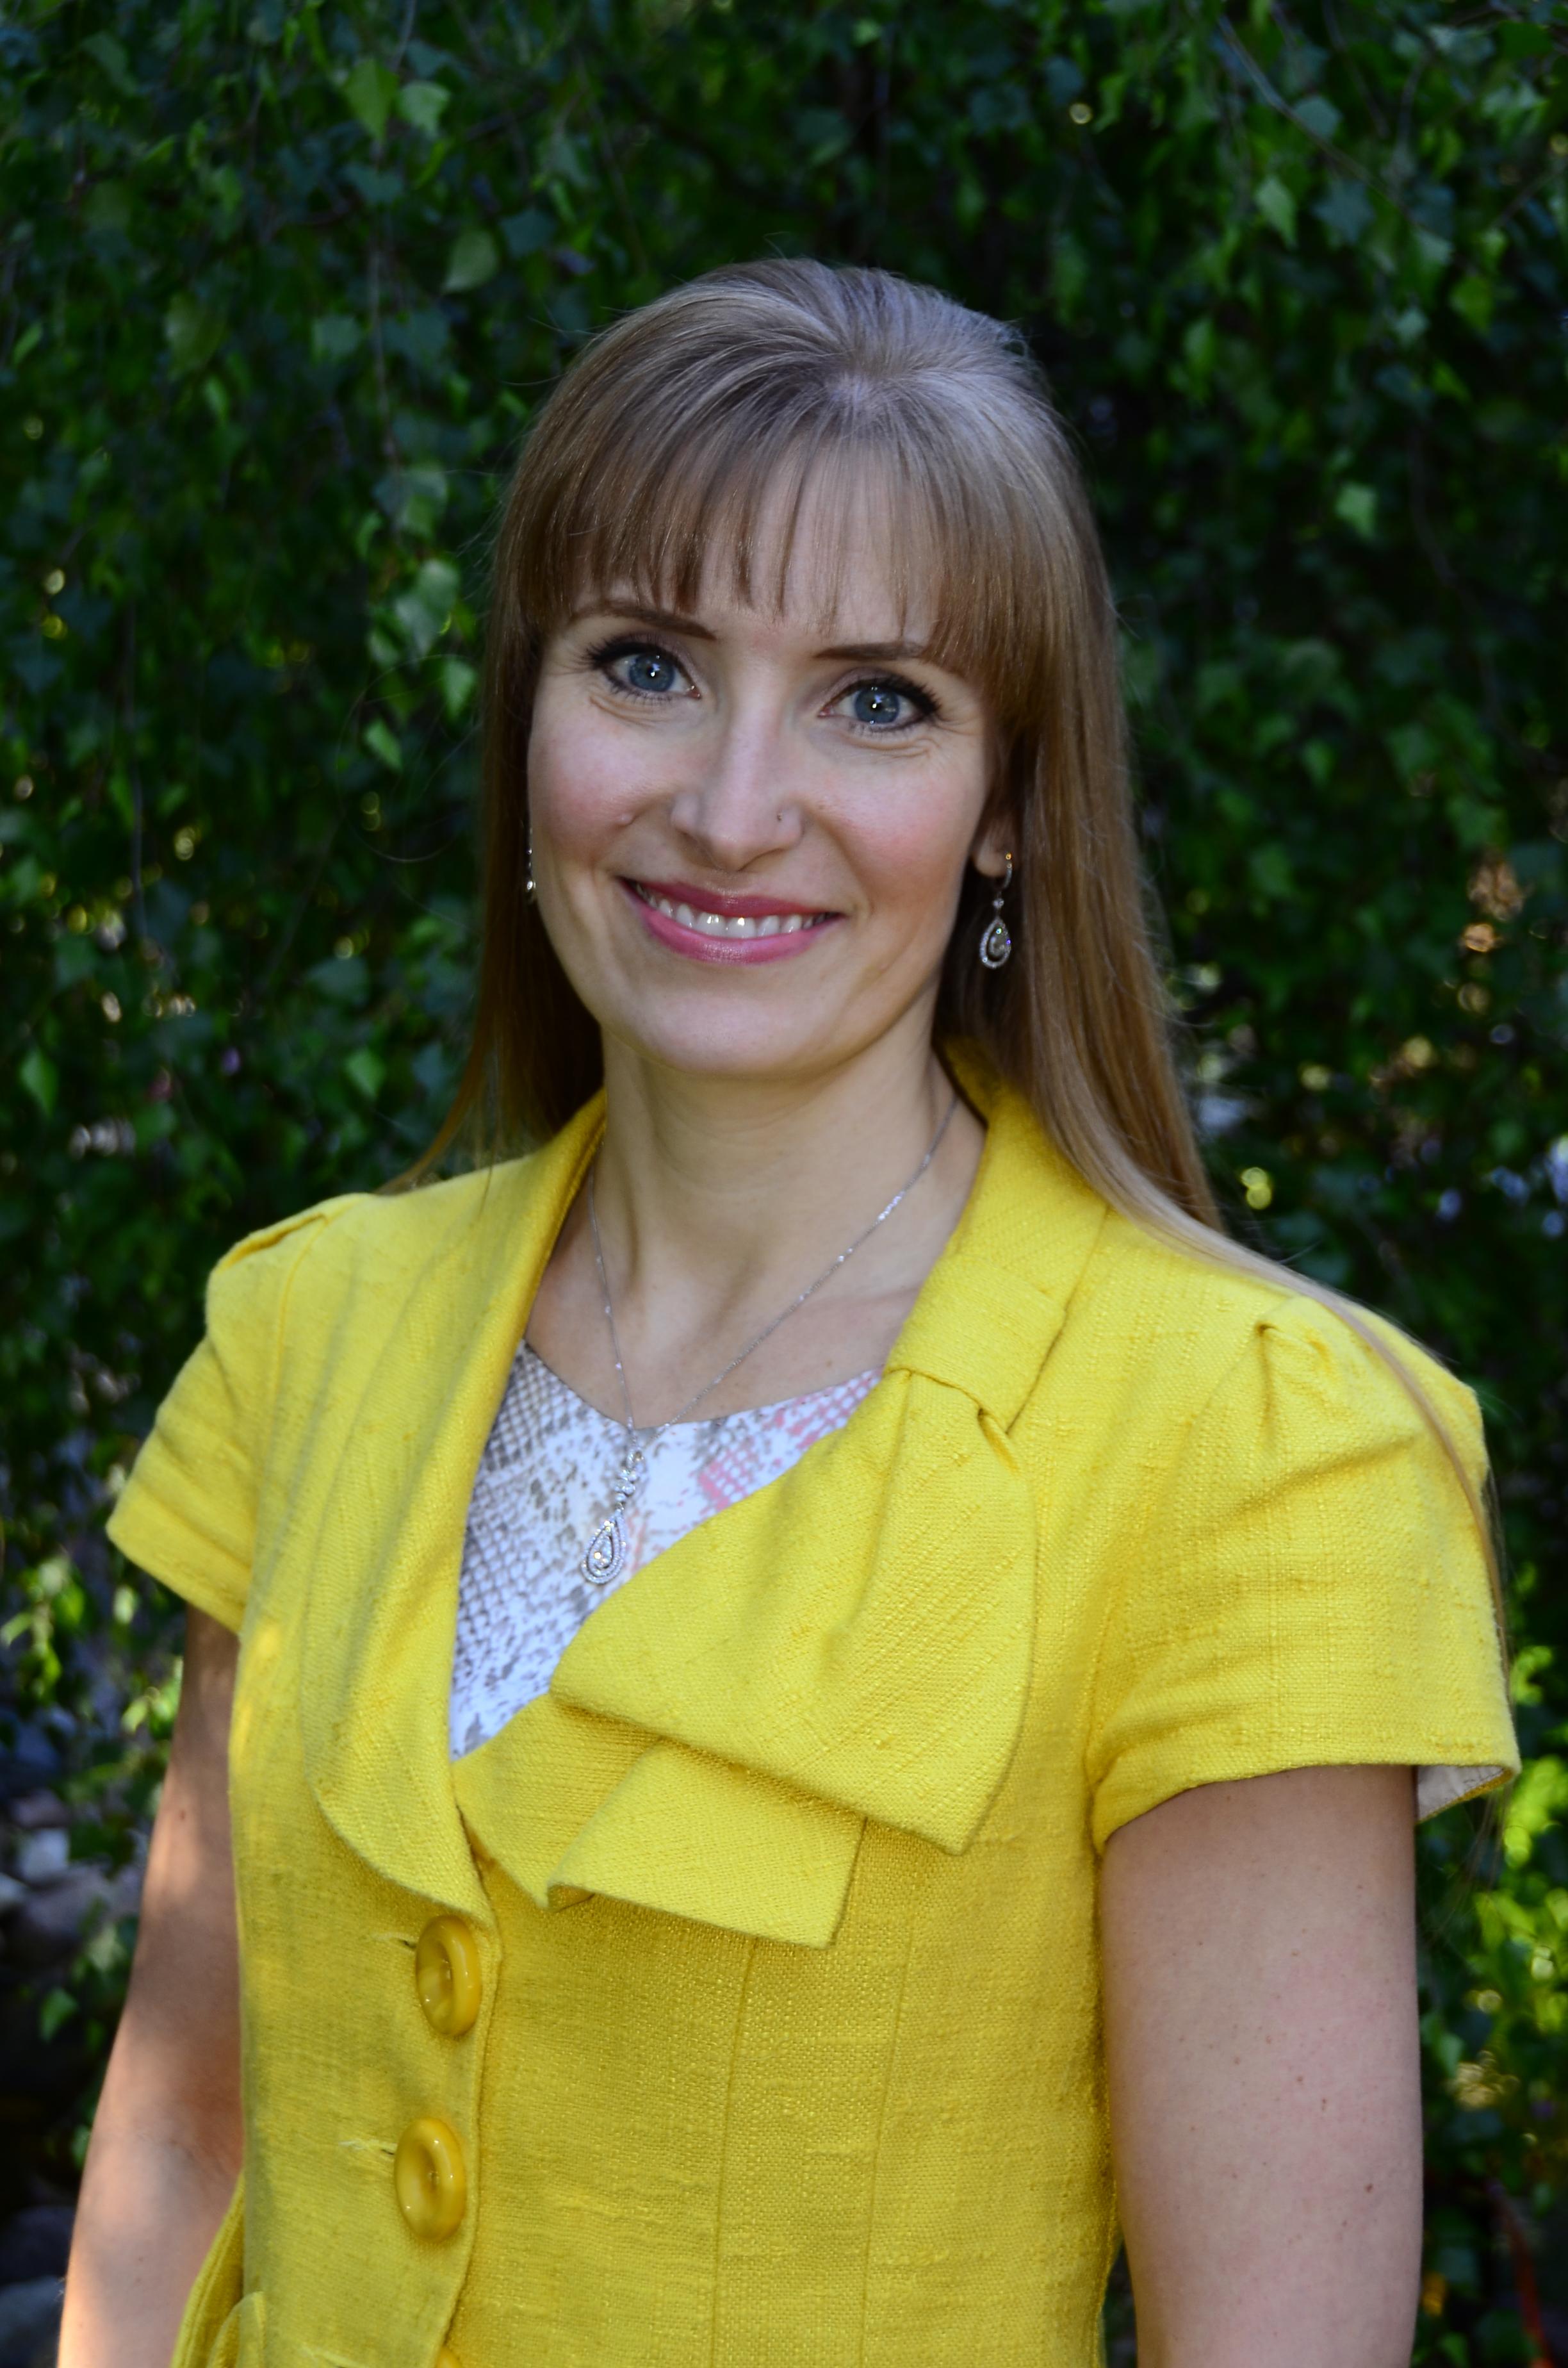 Kara Schick-Makaroff